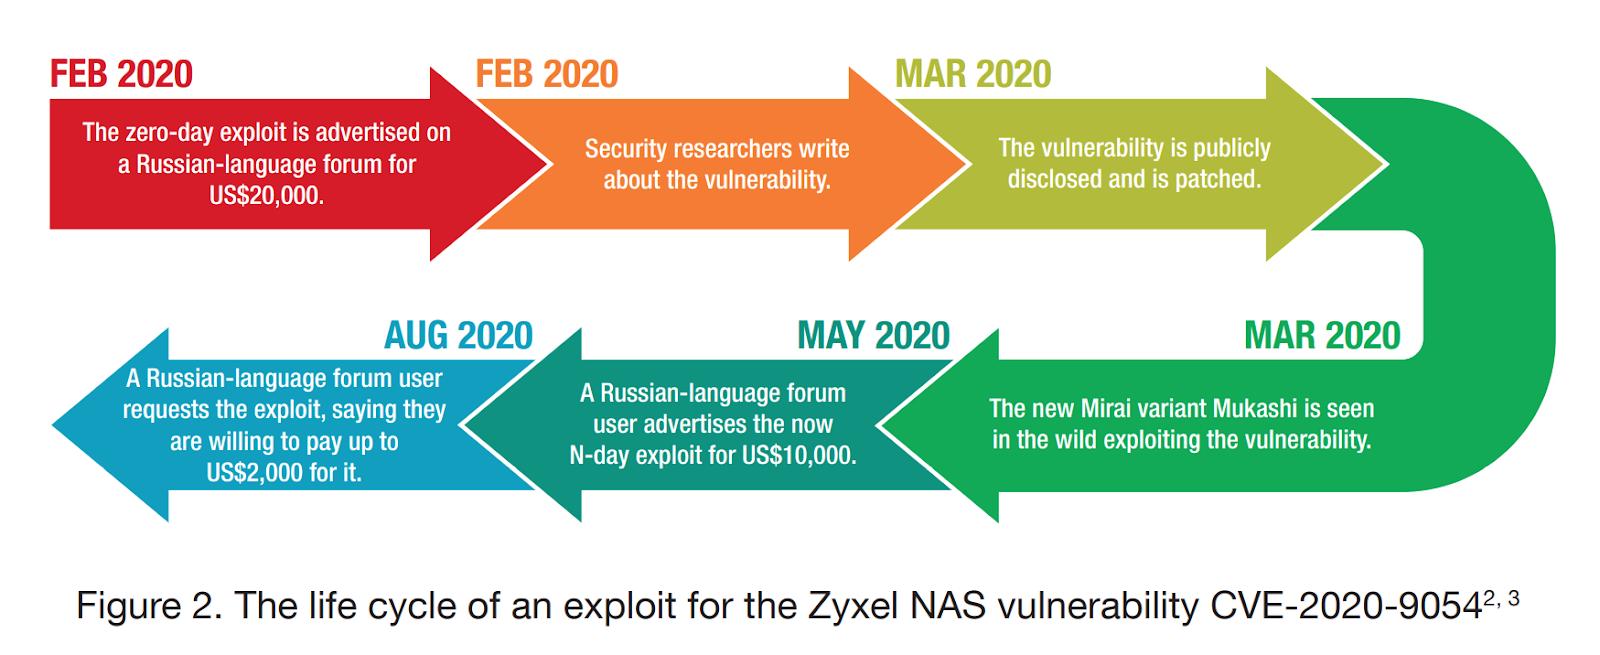 Жизненный цикл эксплойта для уязвимости CVE-2020-9054 в Zyxel NAS. Источник: Trend Micro